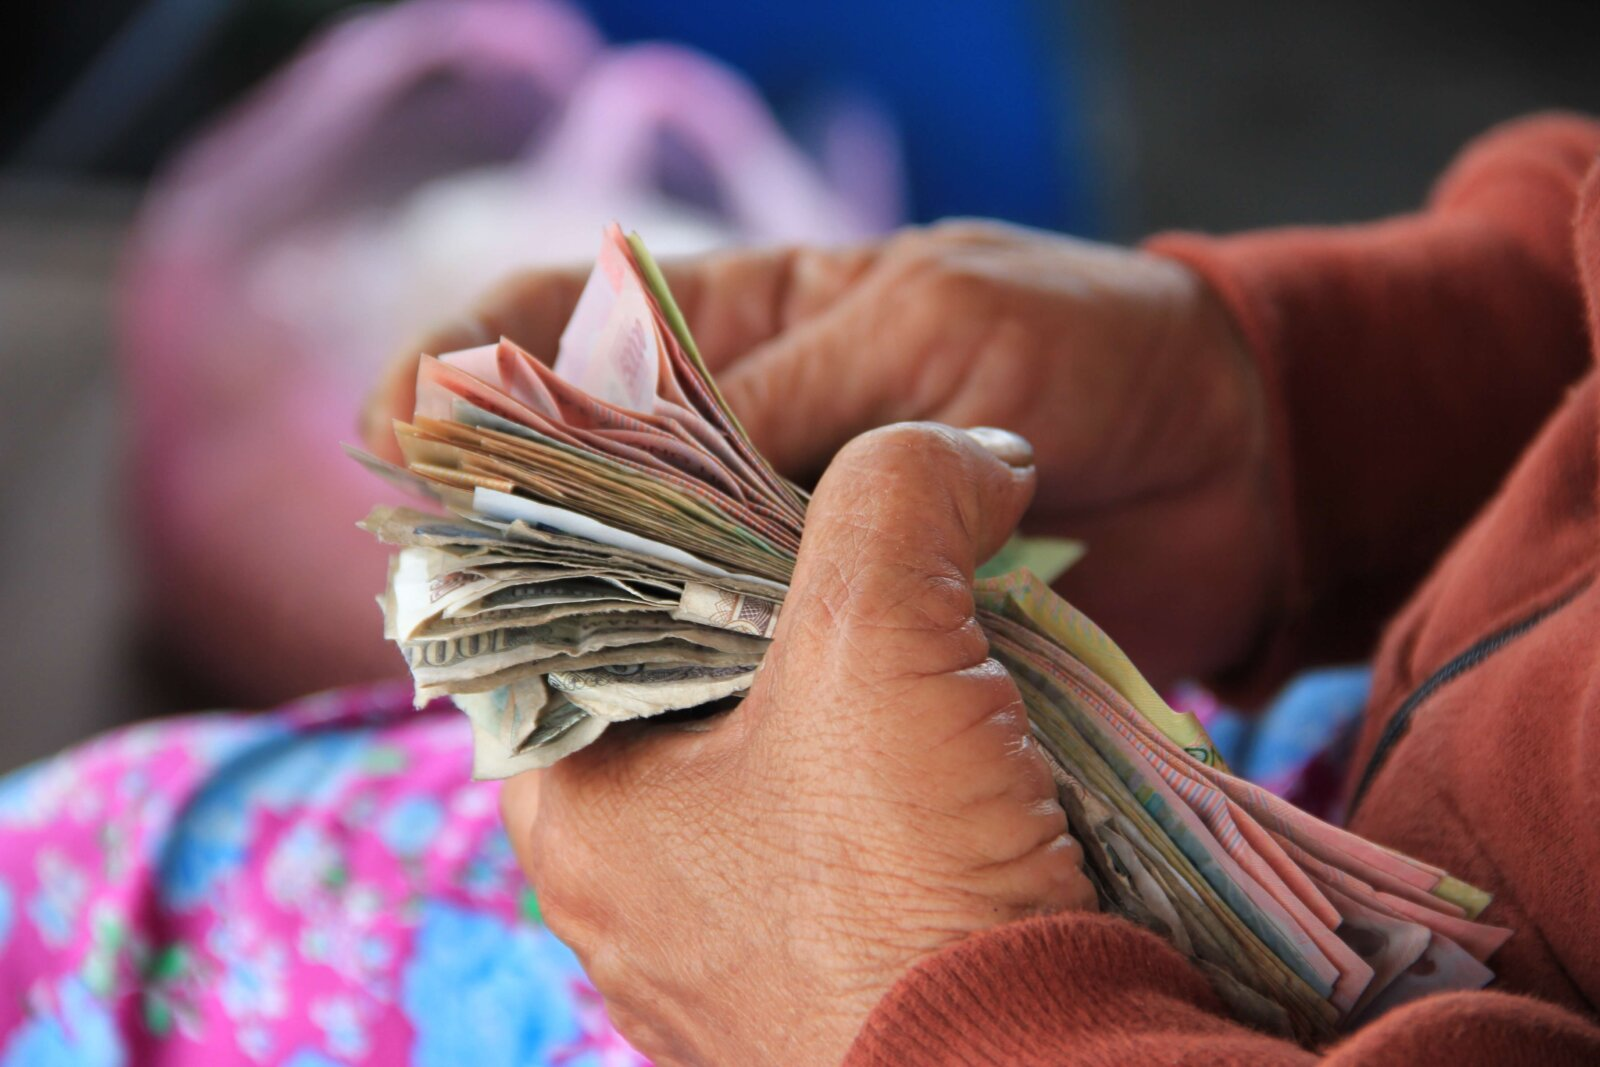 финансовая защита - это когда вы умеете считать